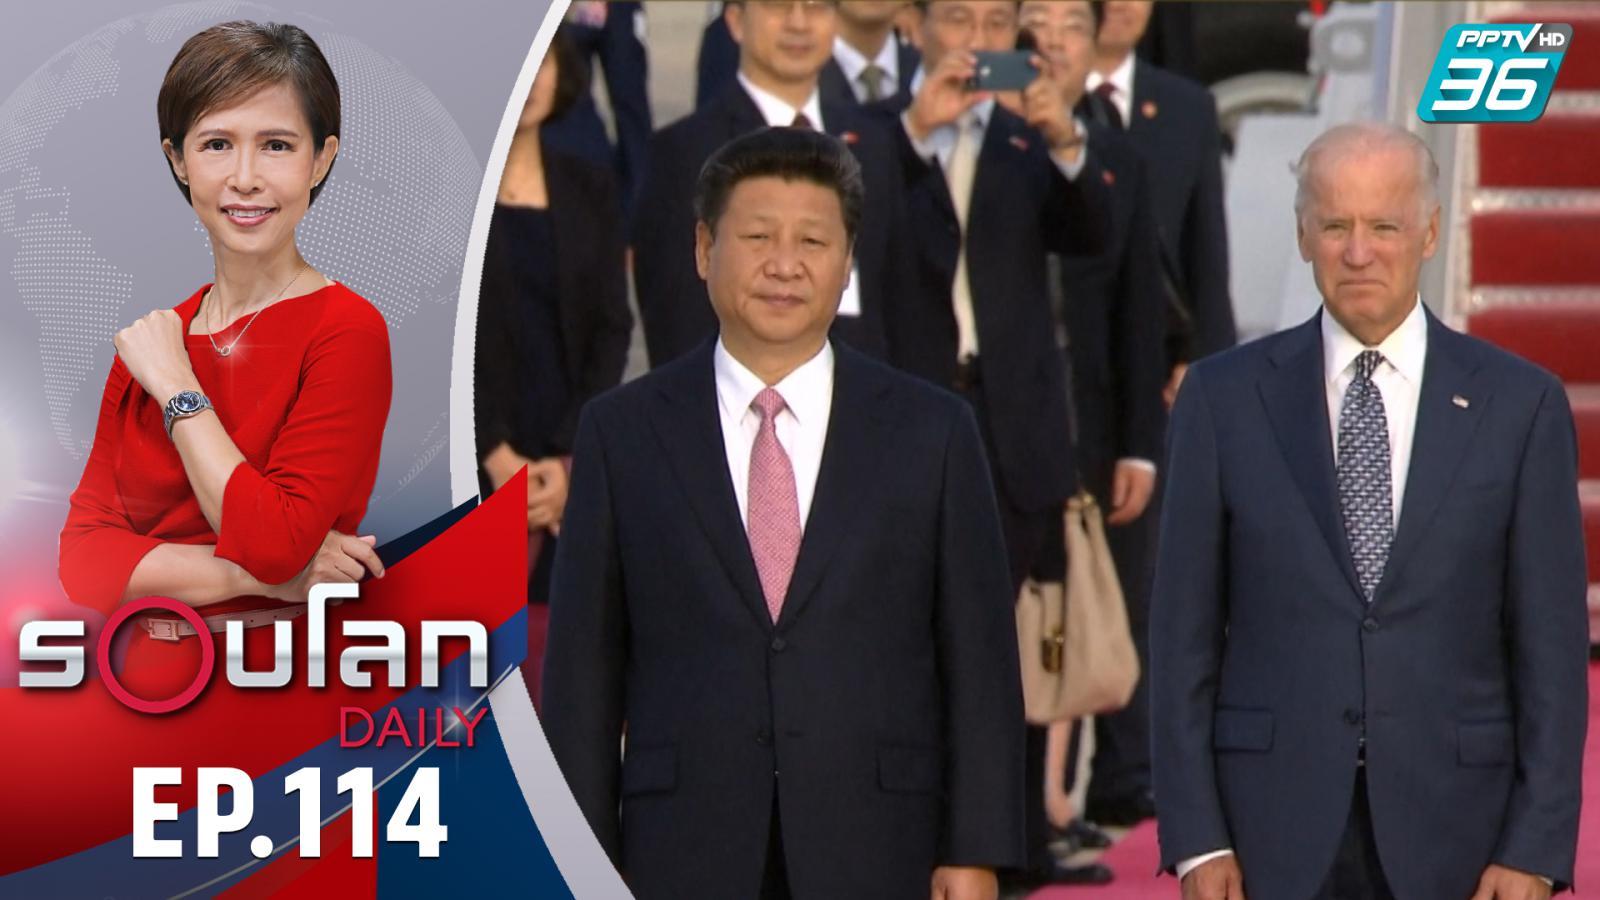 สี จิ้นผิง ส่งสารแสดงความยินดีกับโจ ไบเดน ประธานาธิบดีสหรัฐคนใหม่ | 26 พ.ย. 63 | รอบโลก DAILY